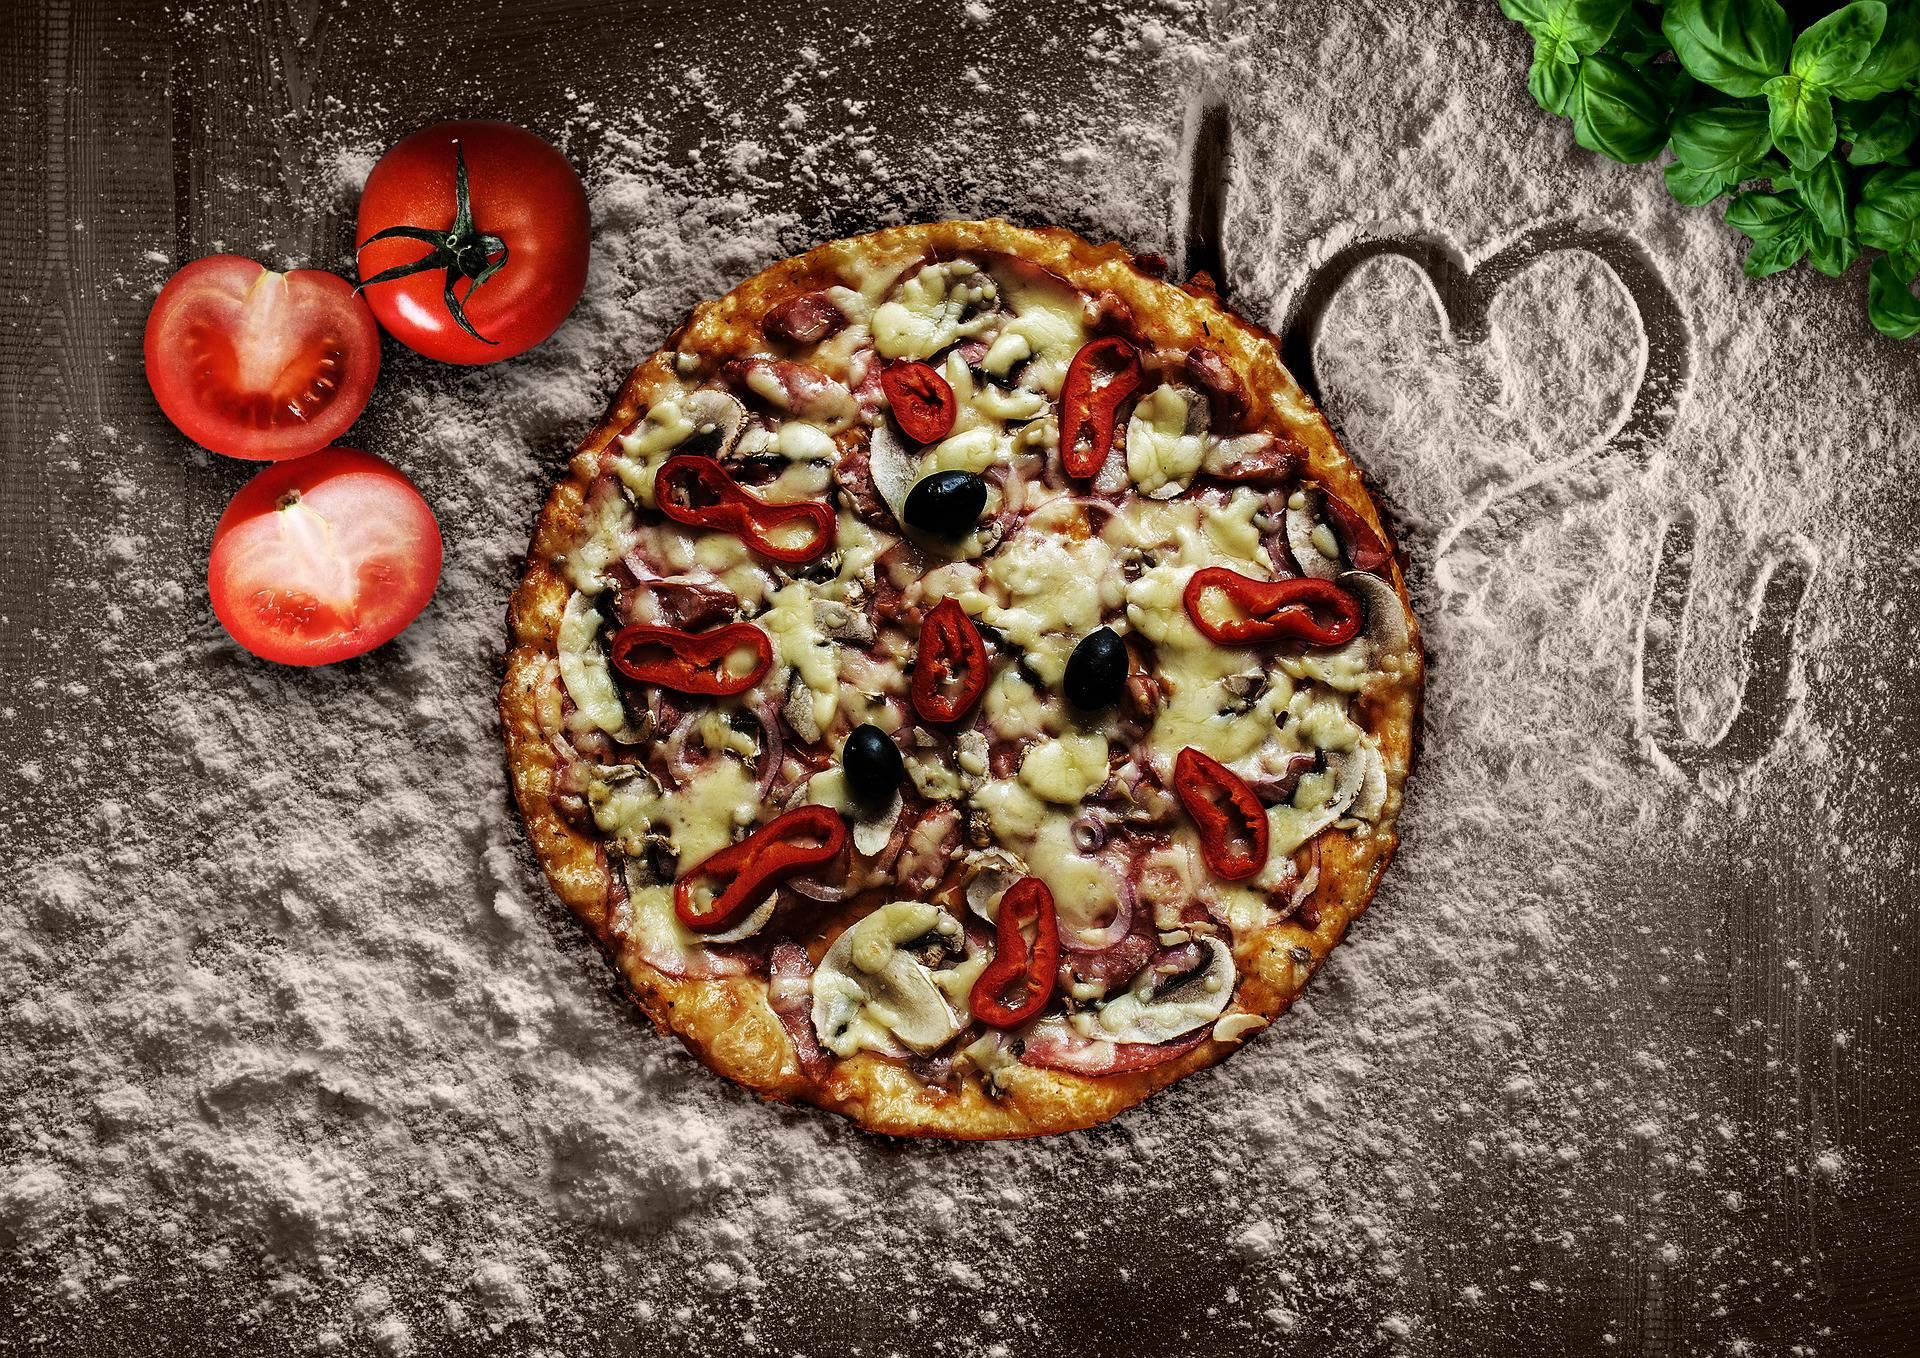 Pranzo di Natale per gli amanti della pizza